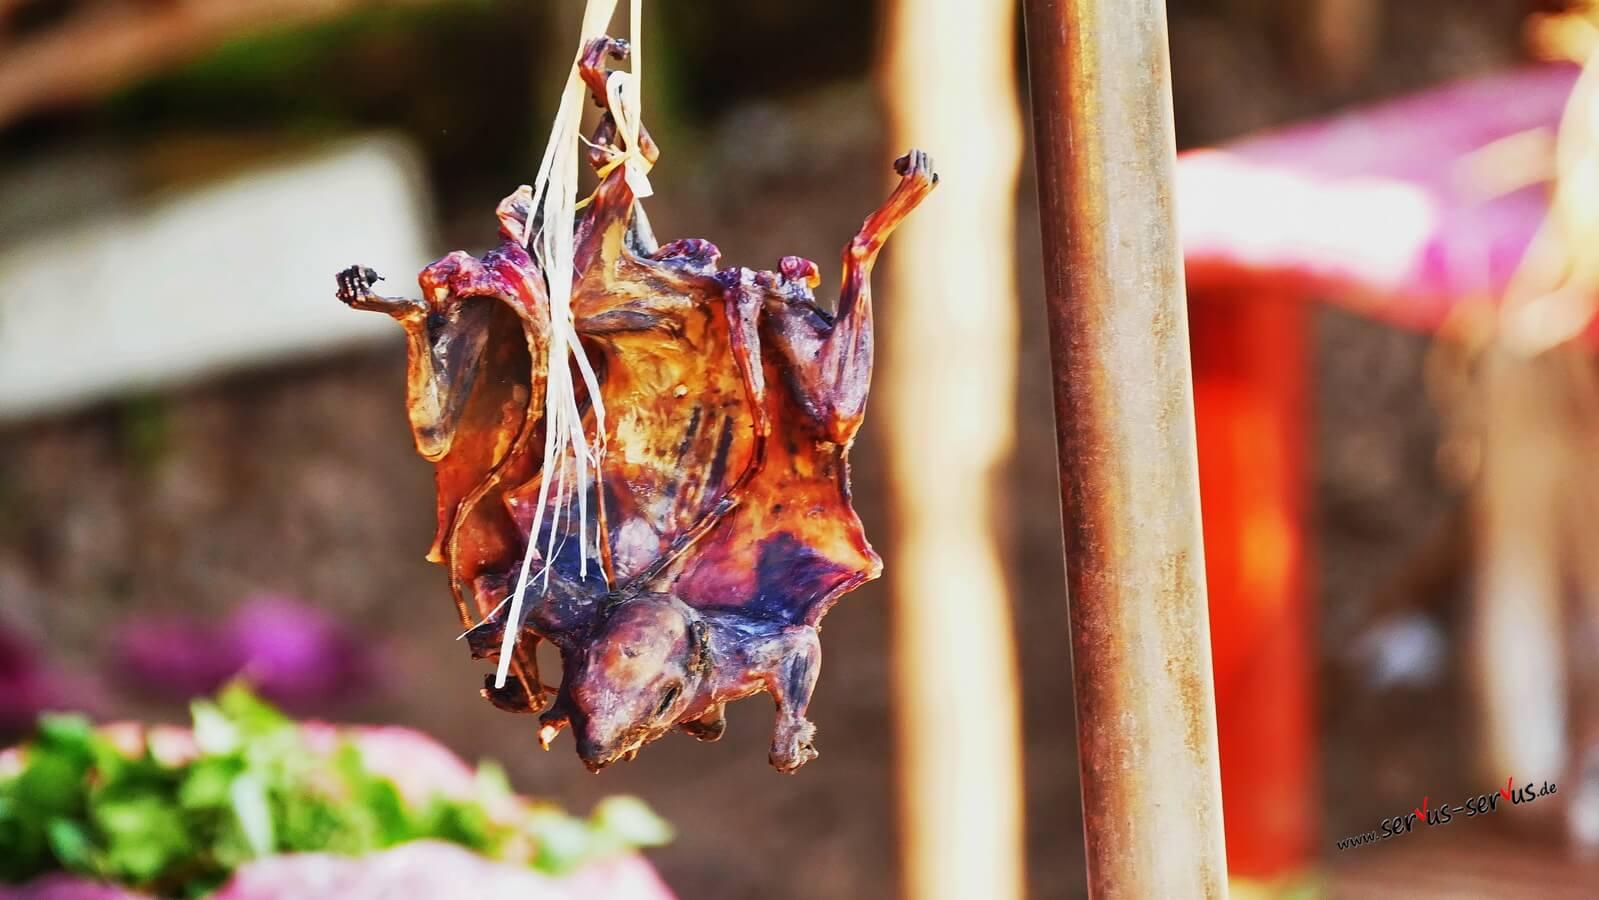 eine getrocknete Fledermaus auf dem Markt